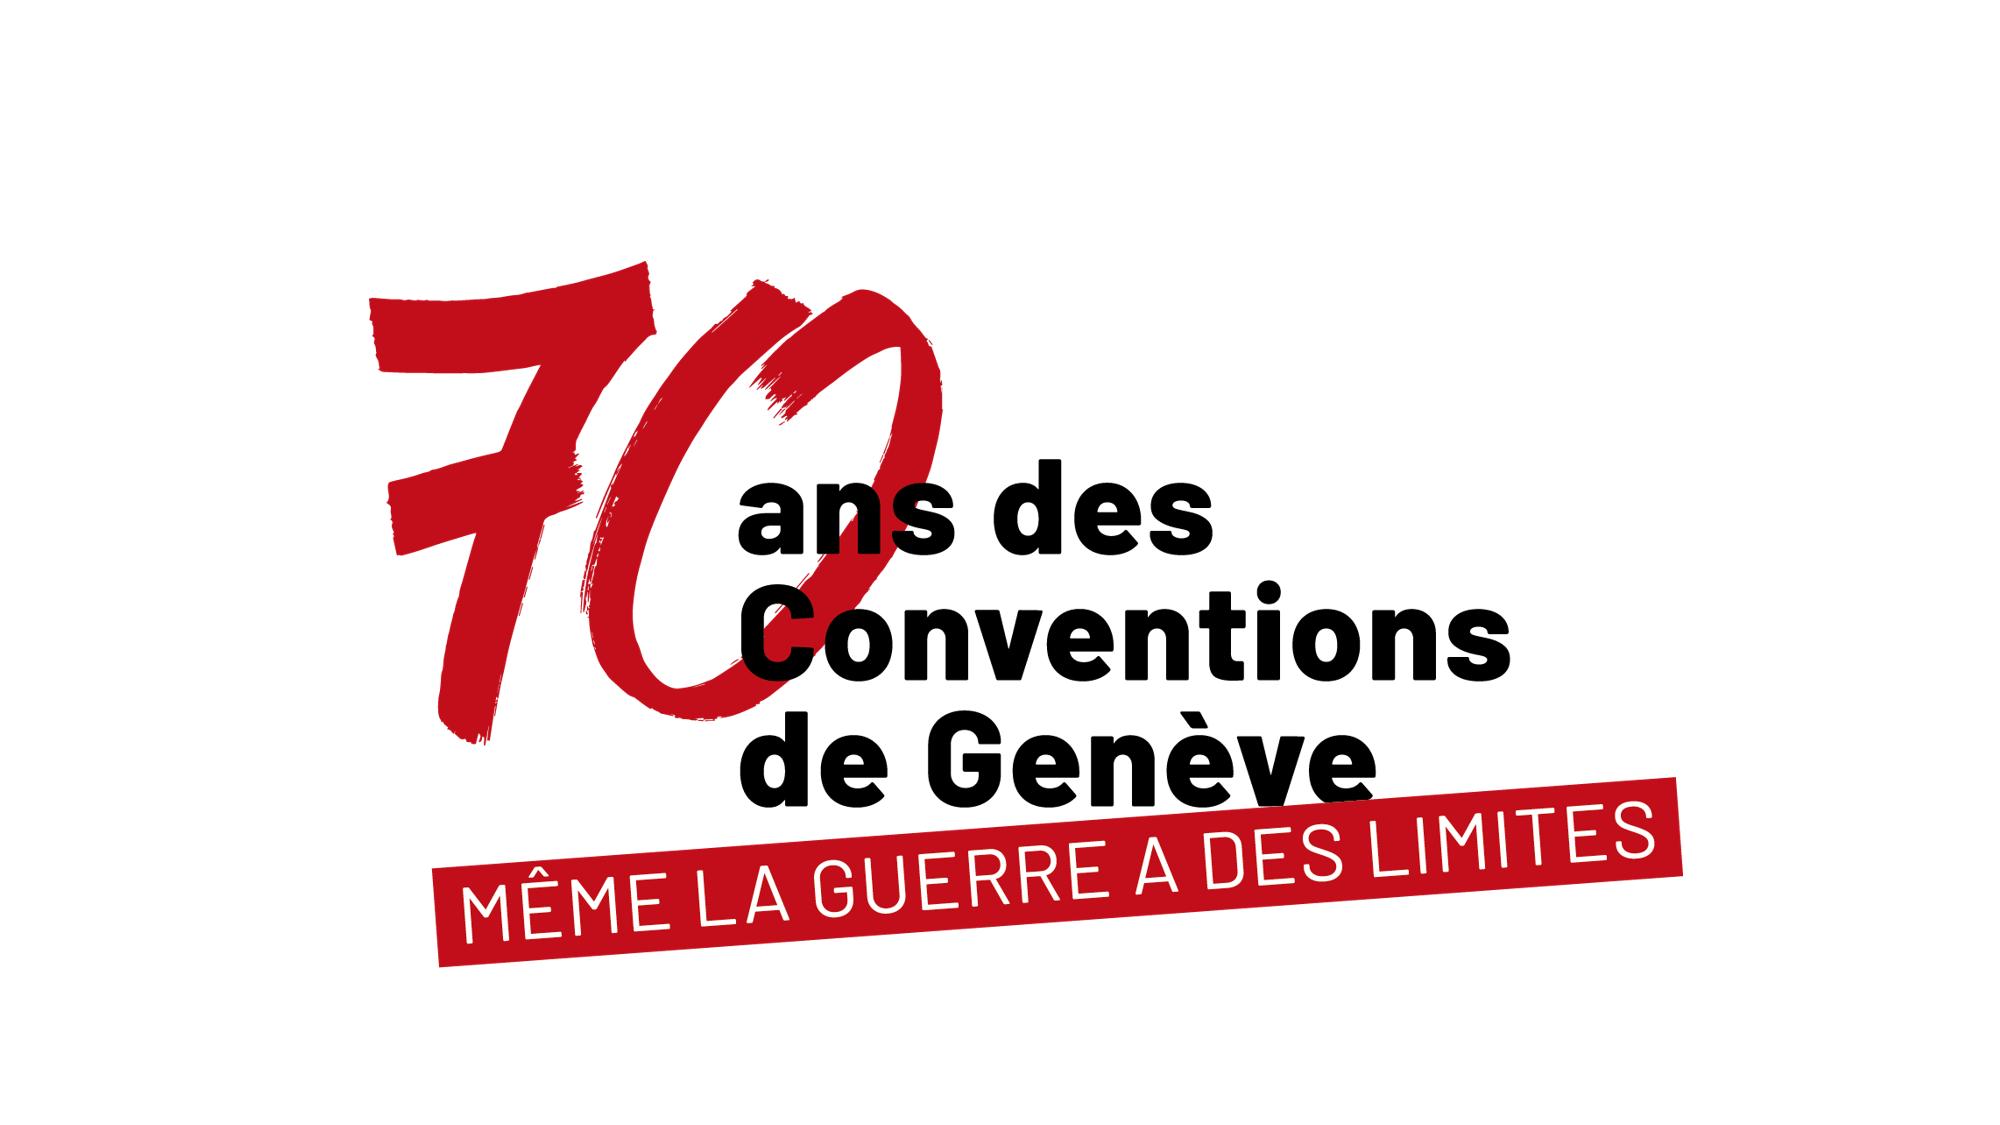 Logo des 70 ans des Conventions de Genève ©CICR